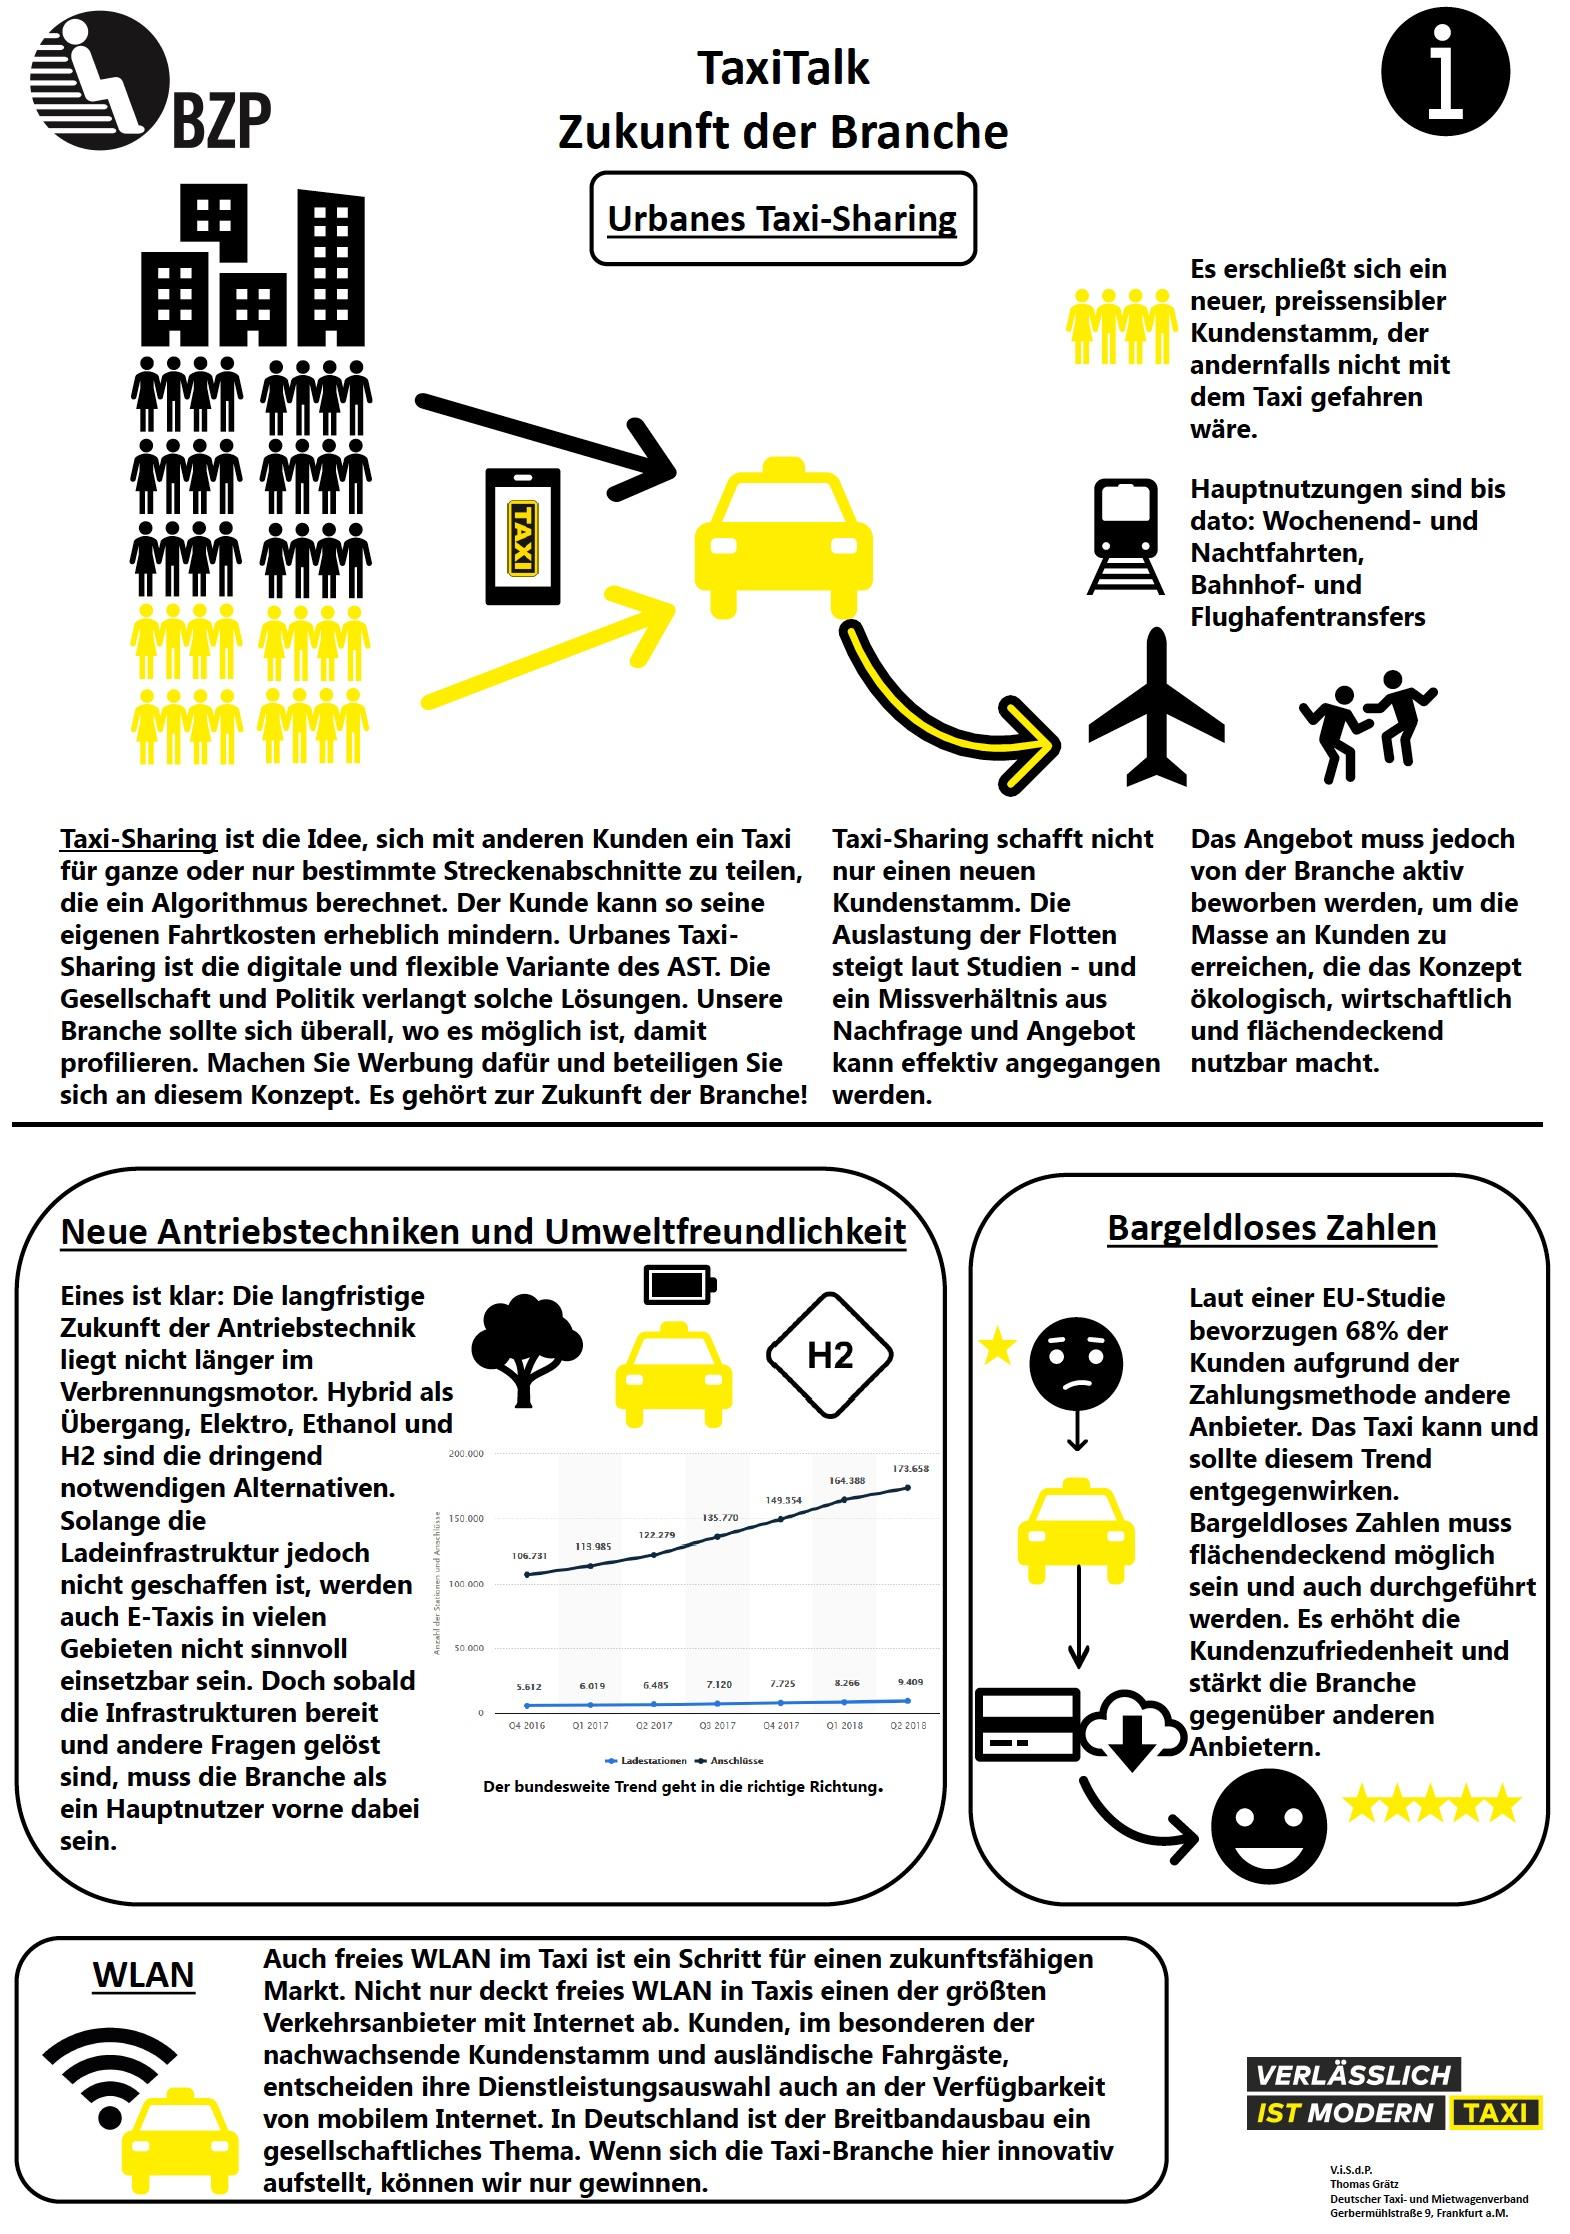 Taxi Talk Zukunft der Branche – Onlineshop der Kampagne ...